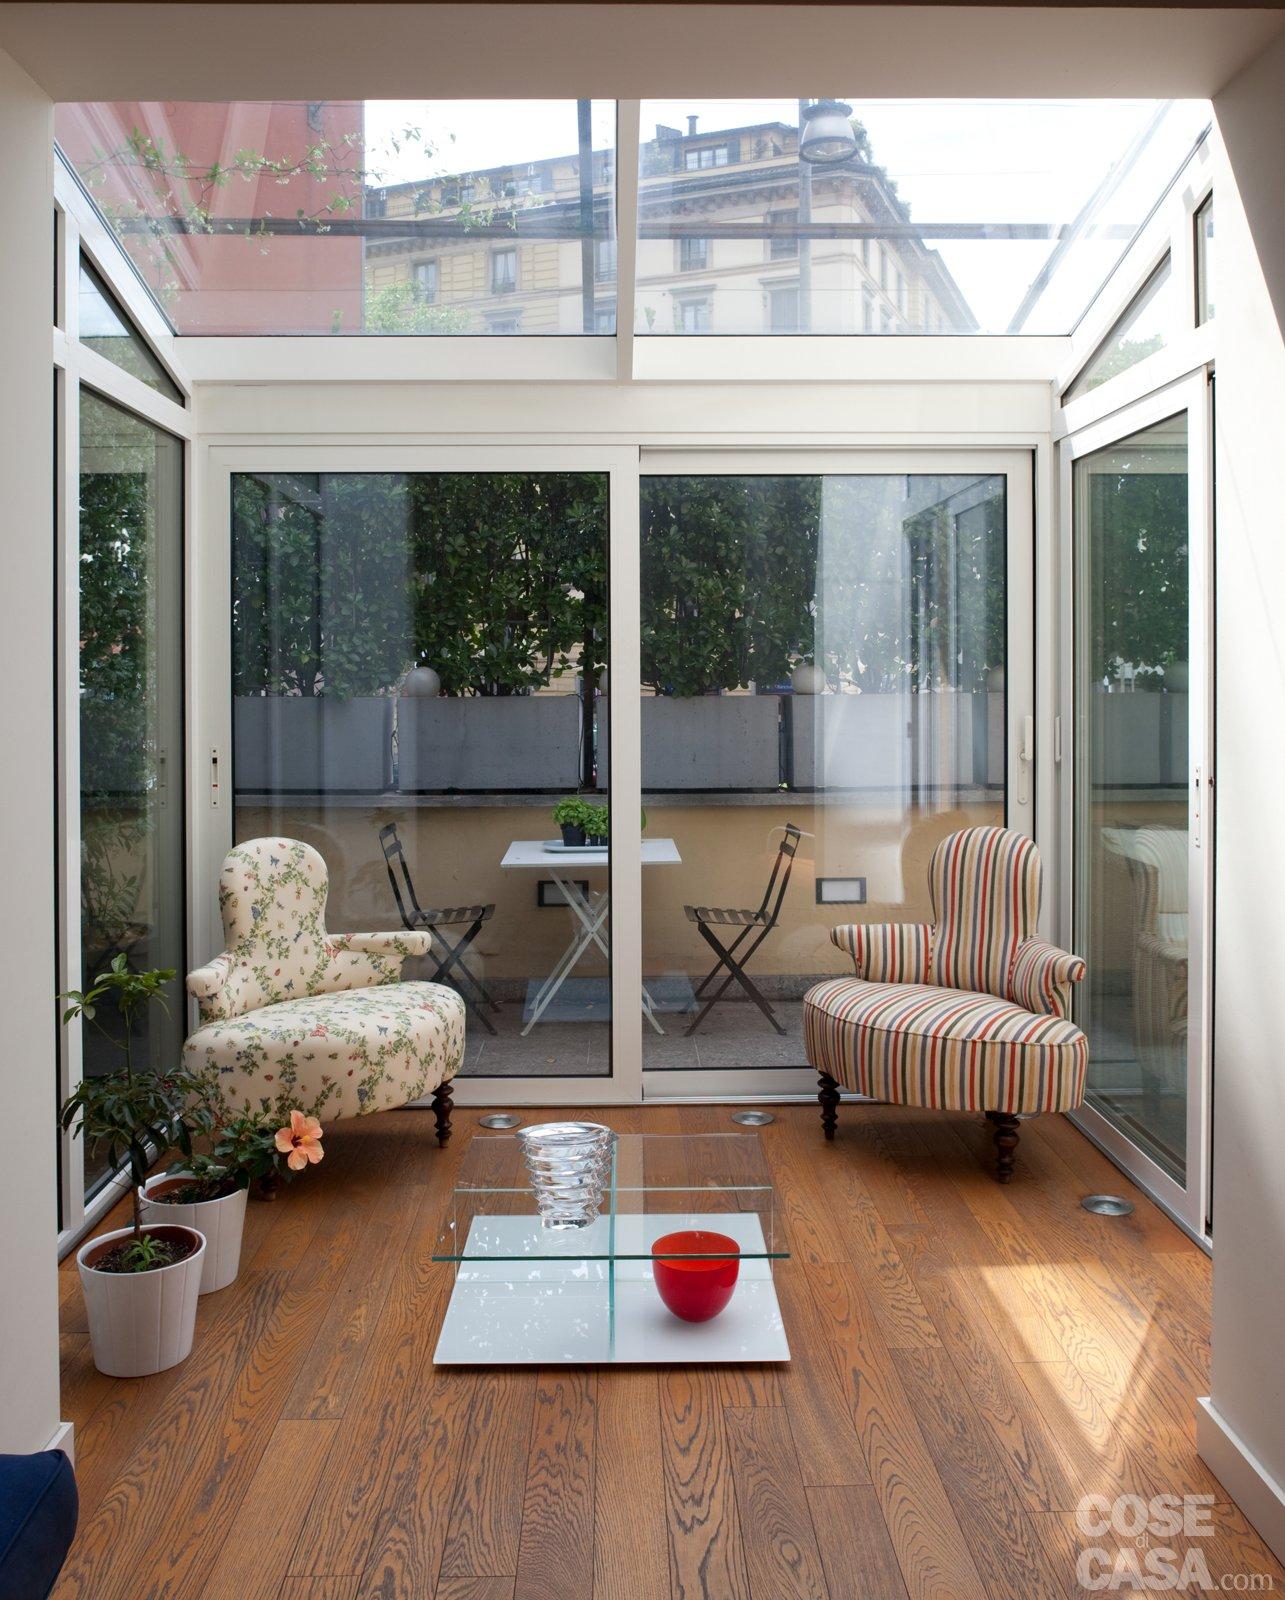 Casabook immobiliare 70 mq casa con veranda for Case ristrutturate interni